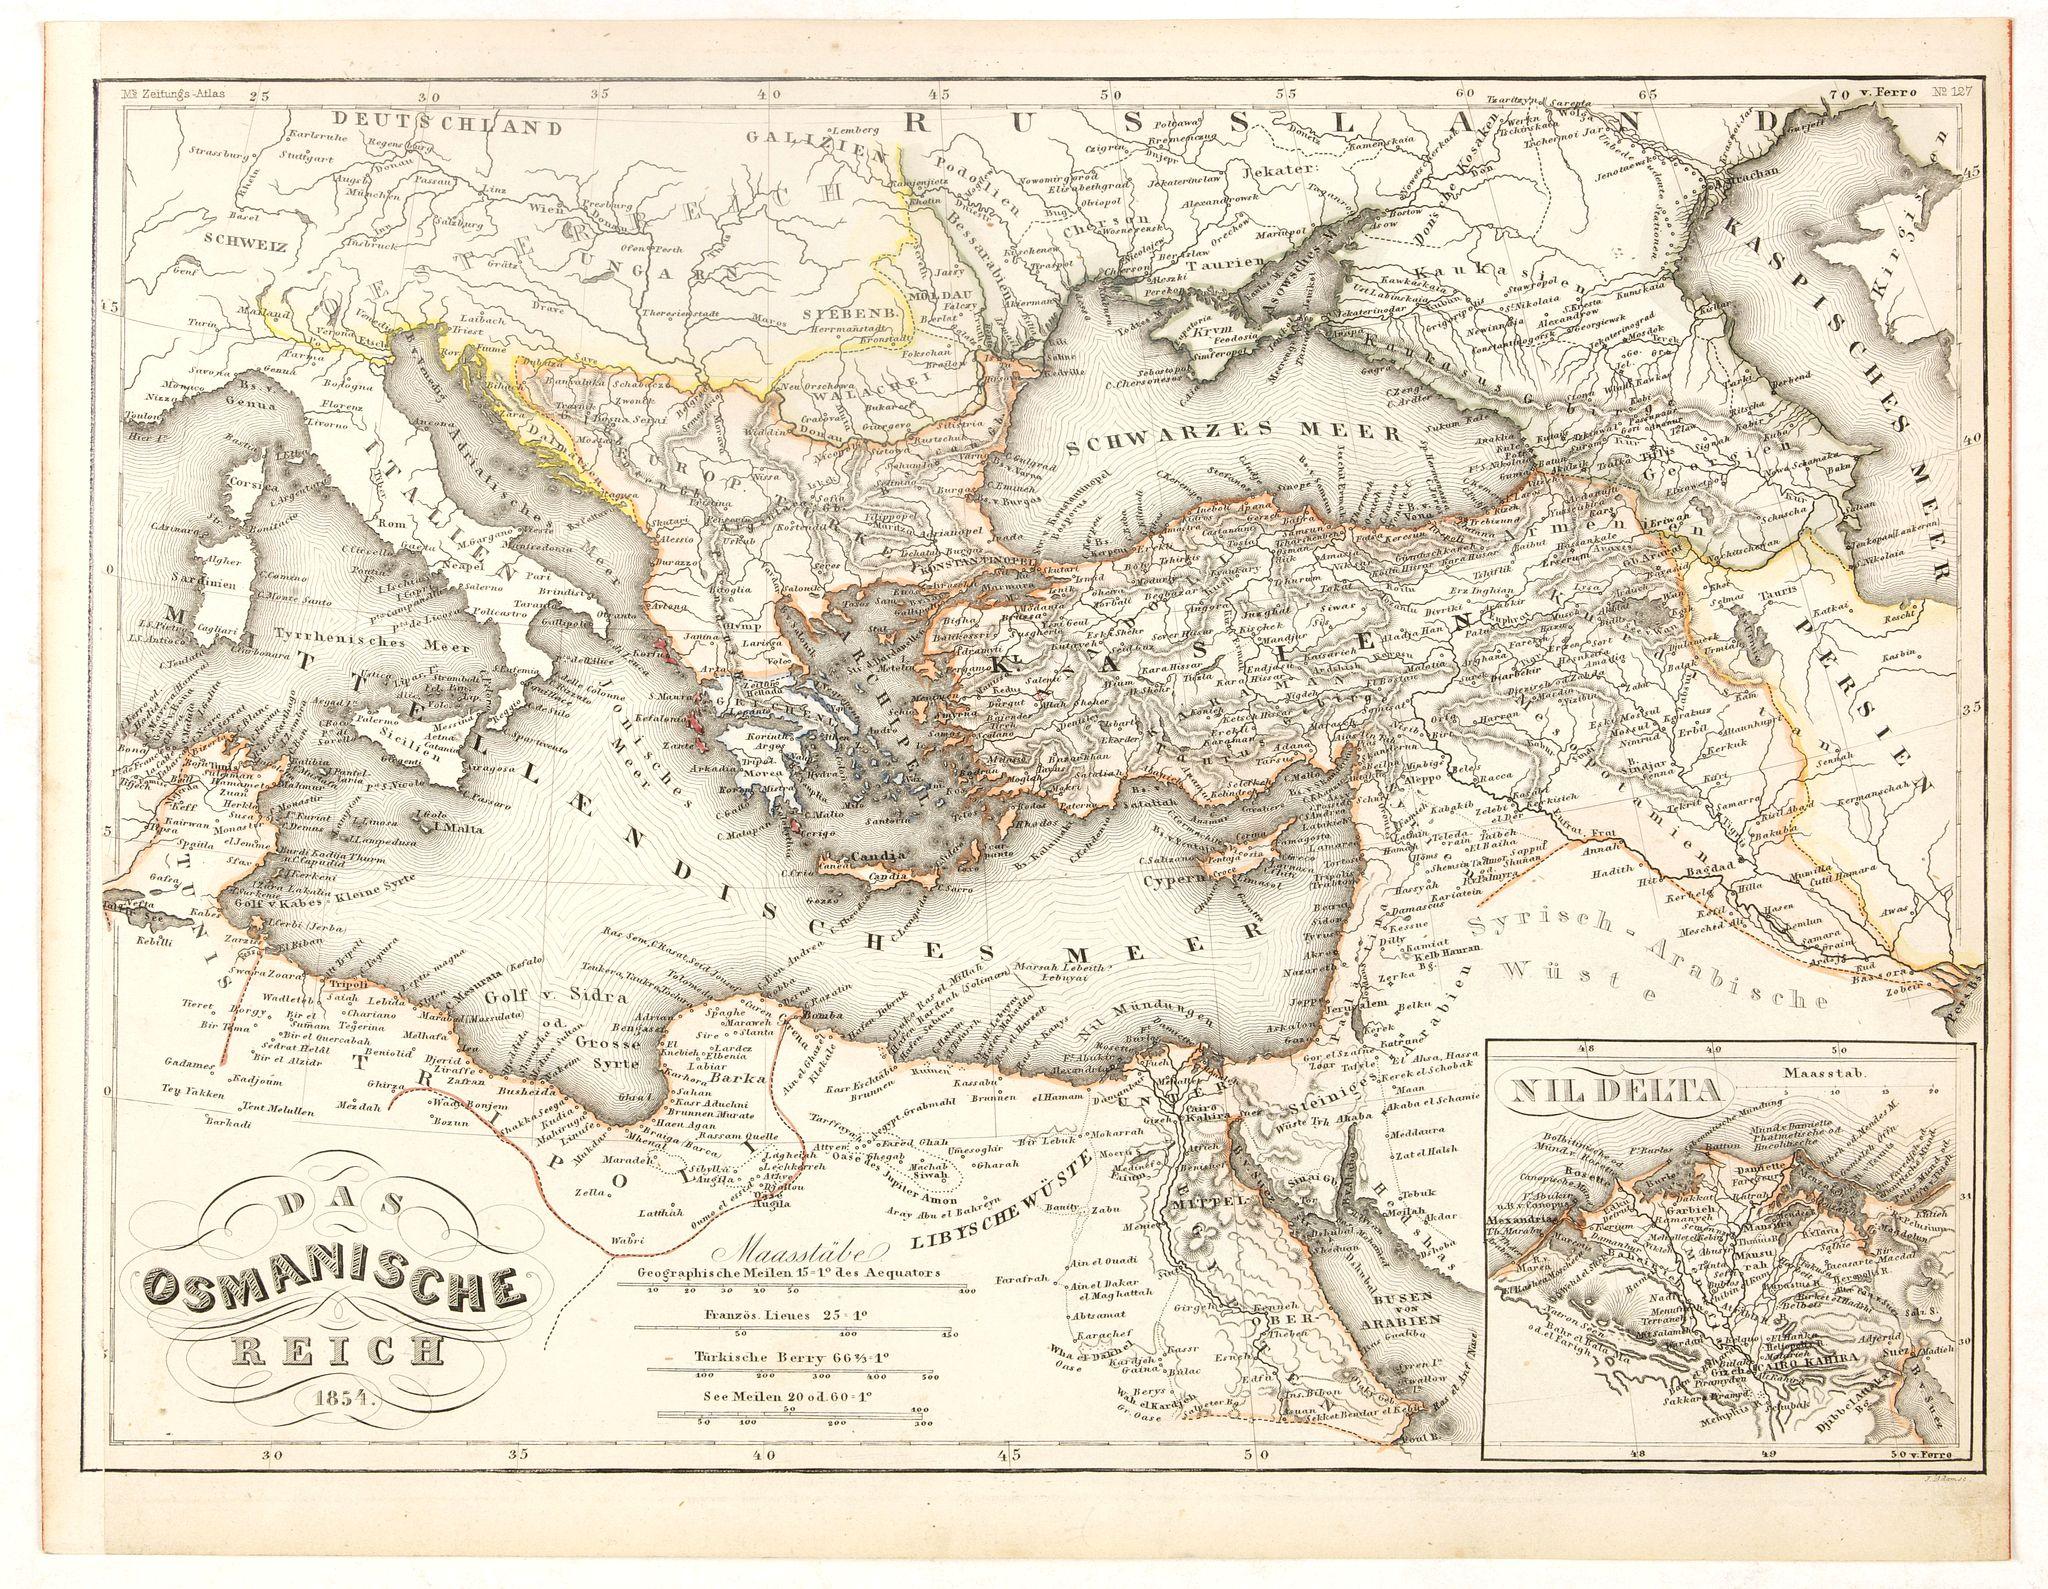 MEYER, J. -  Das Osmanische Reich 1854.